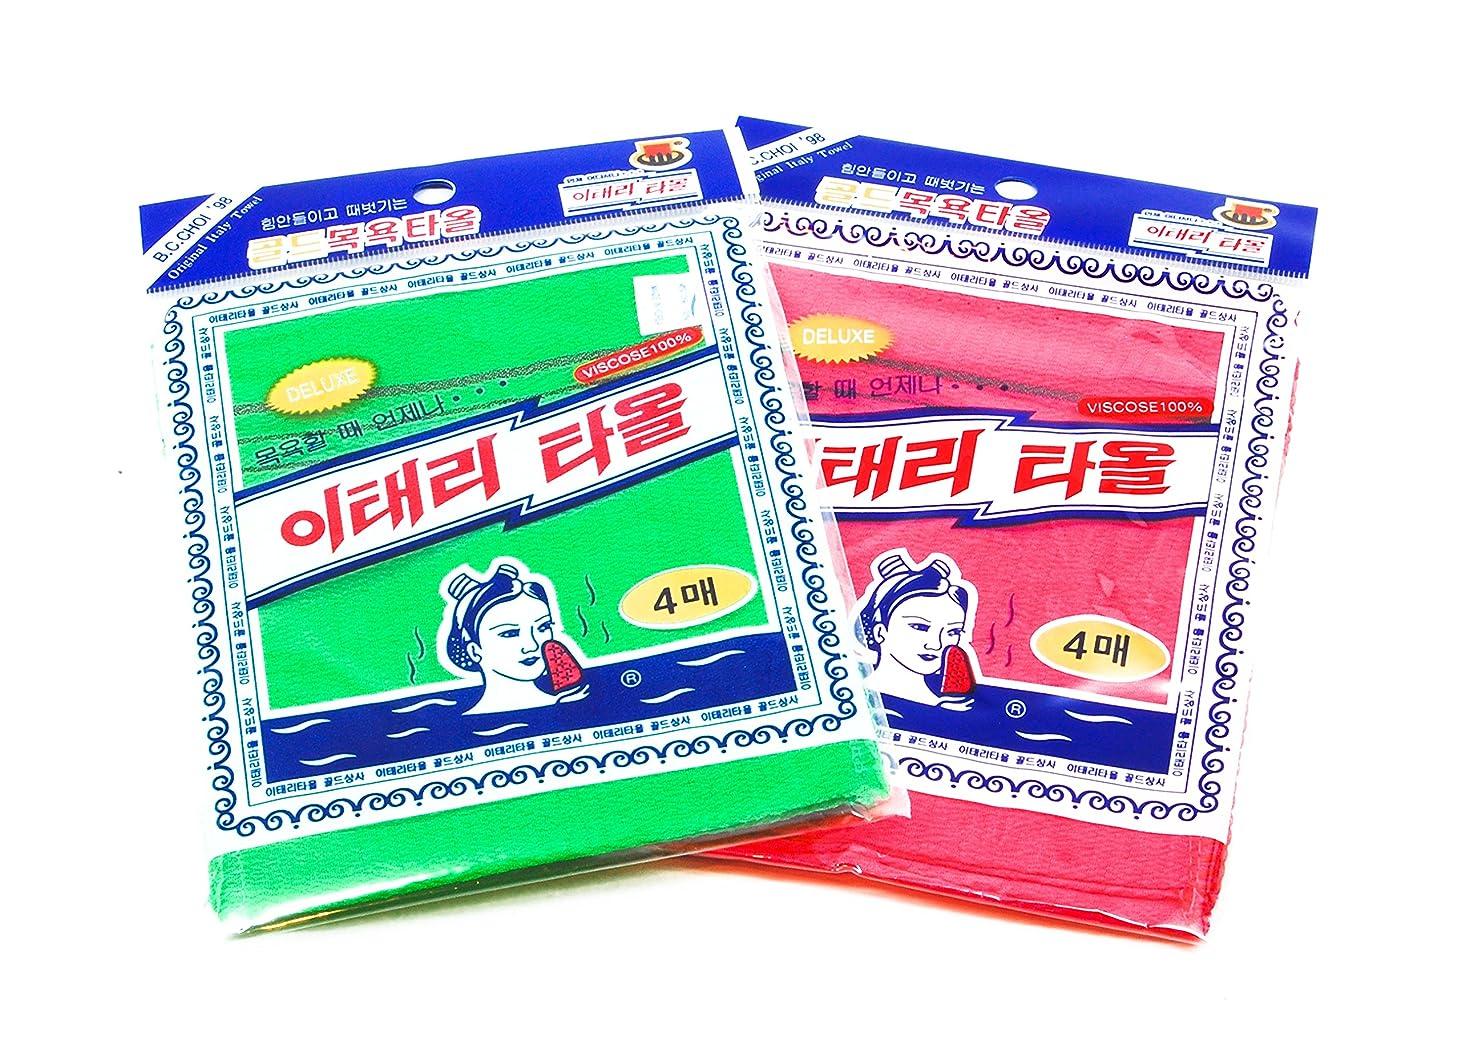 ファンシーサンダル静かなアカスリタオル (韓国式あかすりタオル) 8枚セット